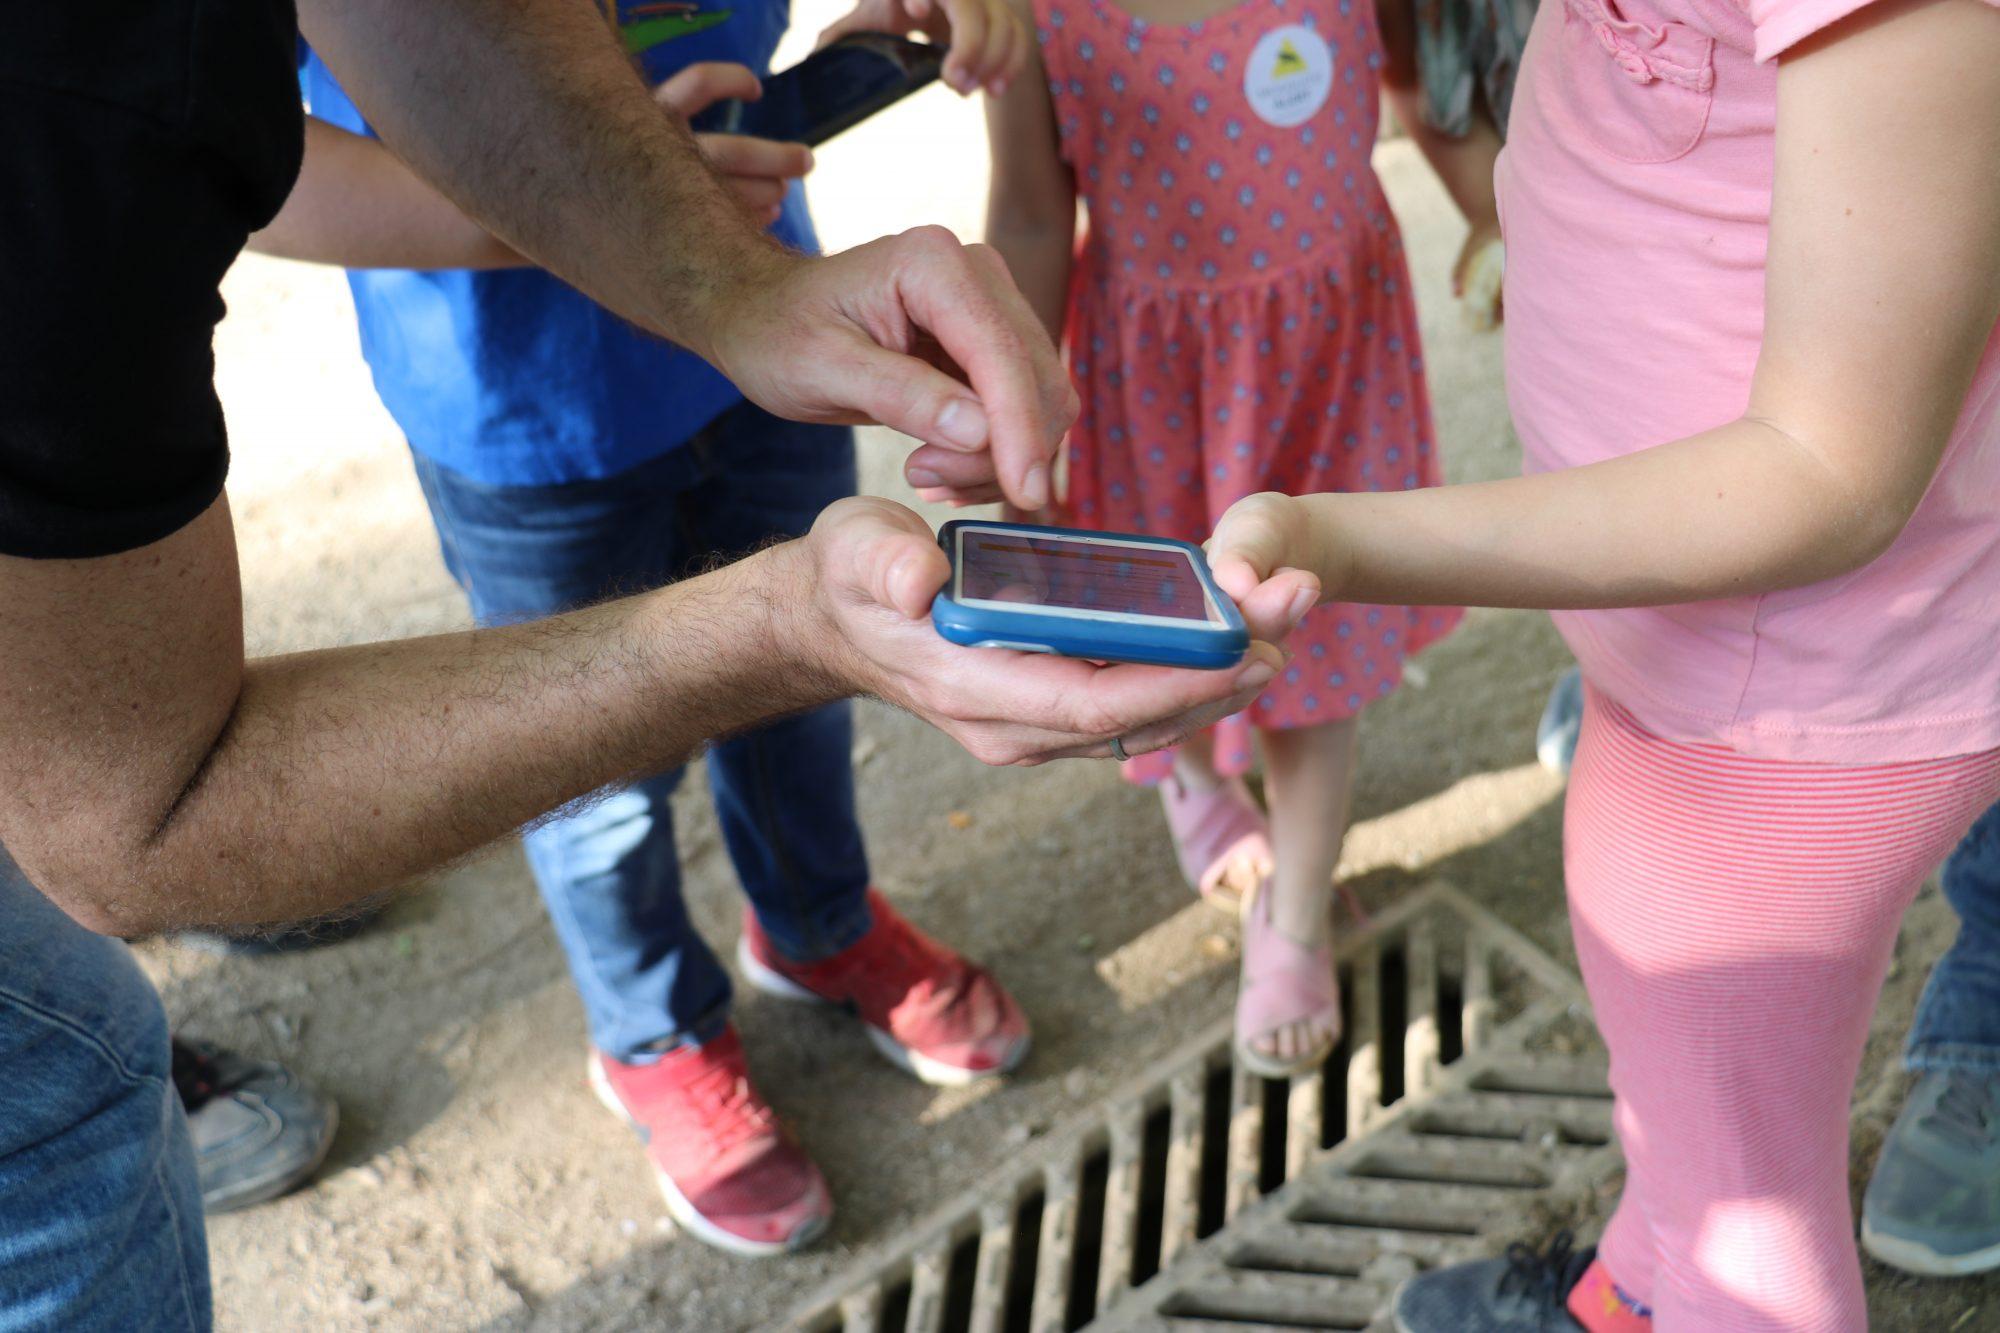 Voluntarios con la app. Mosquito Alert CC-BY